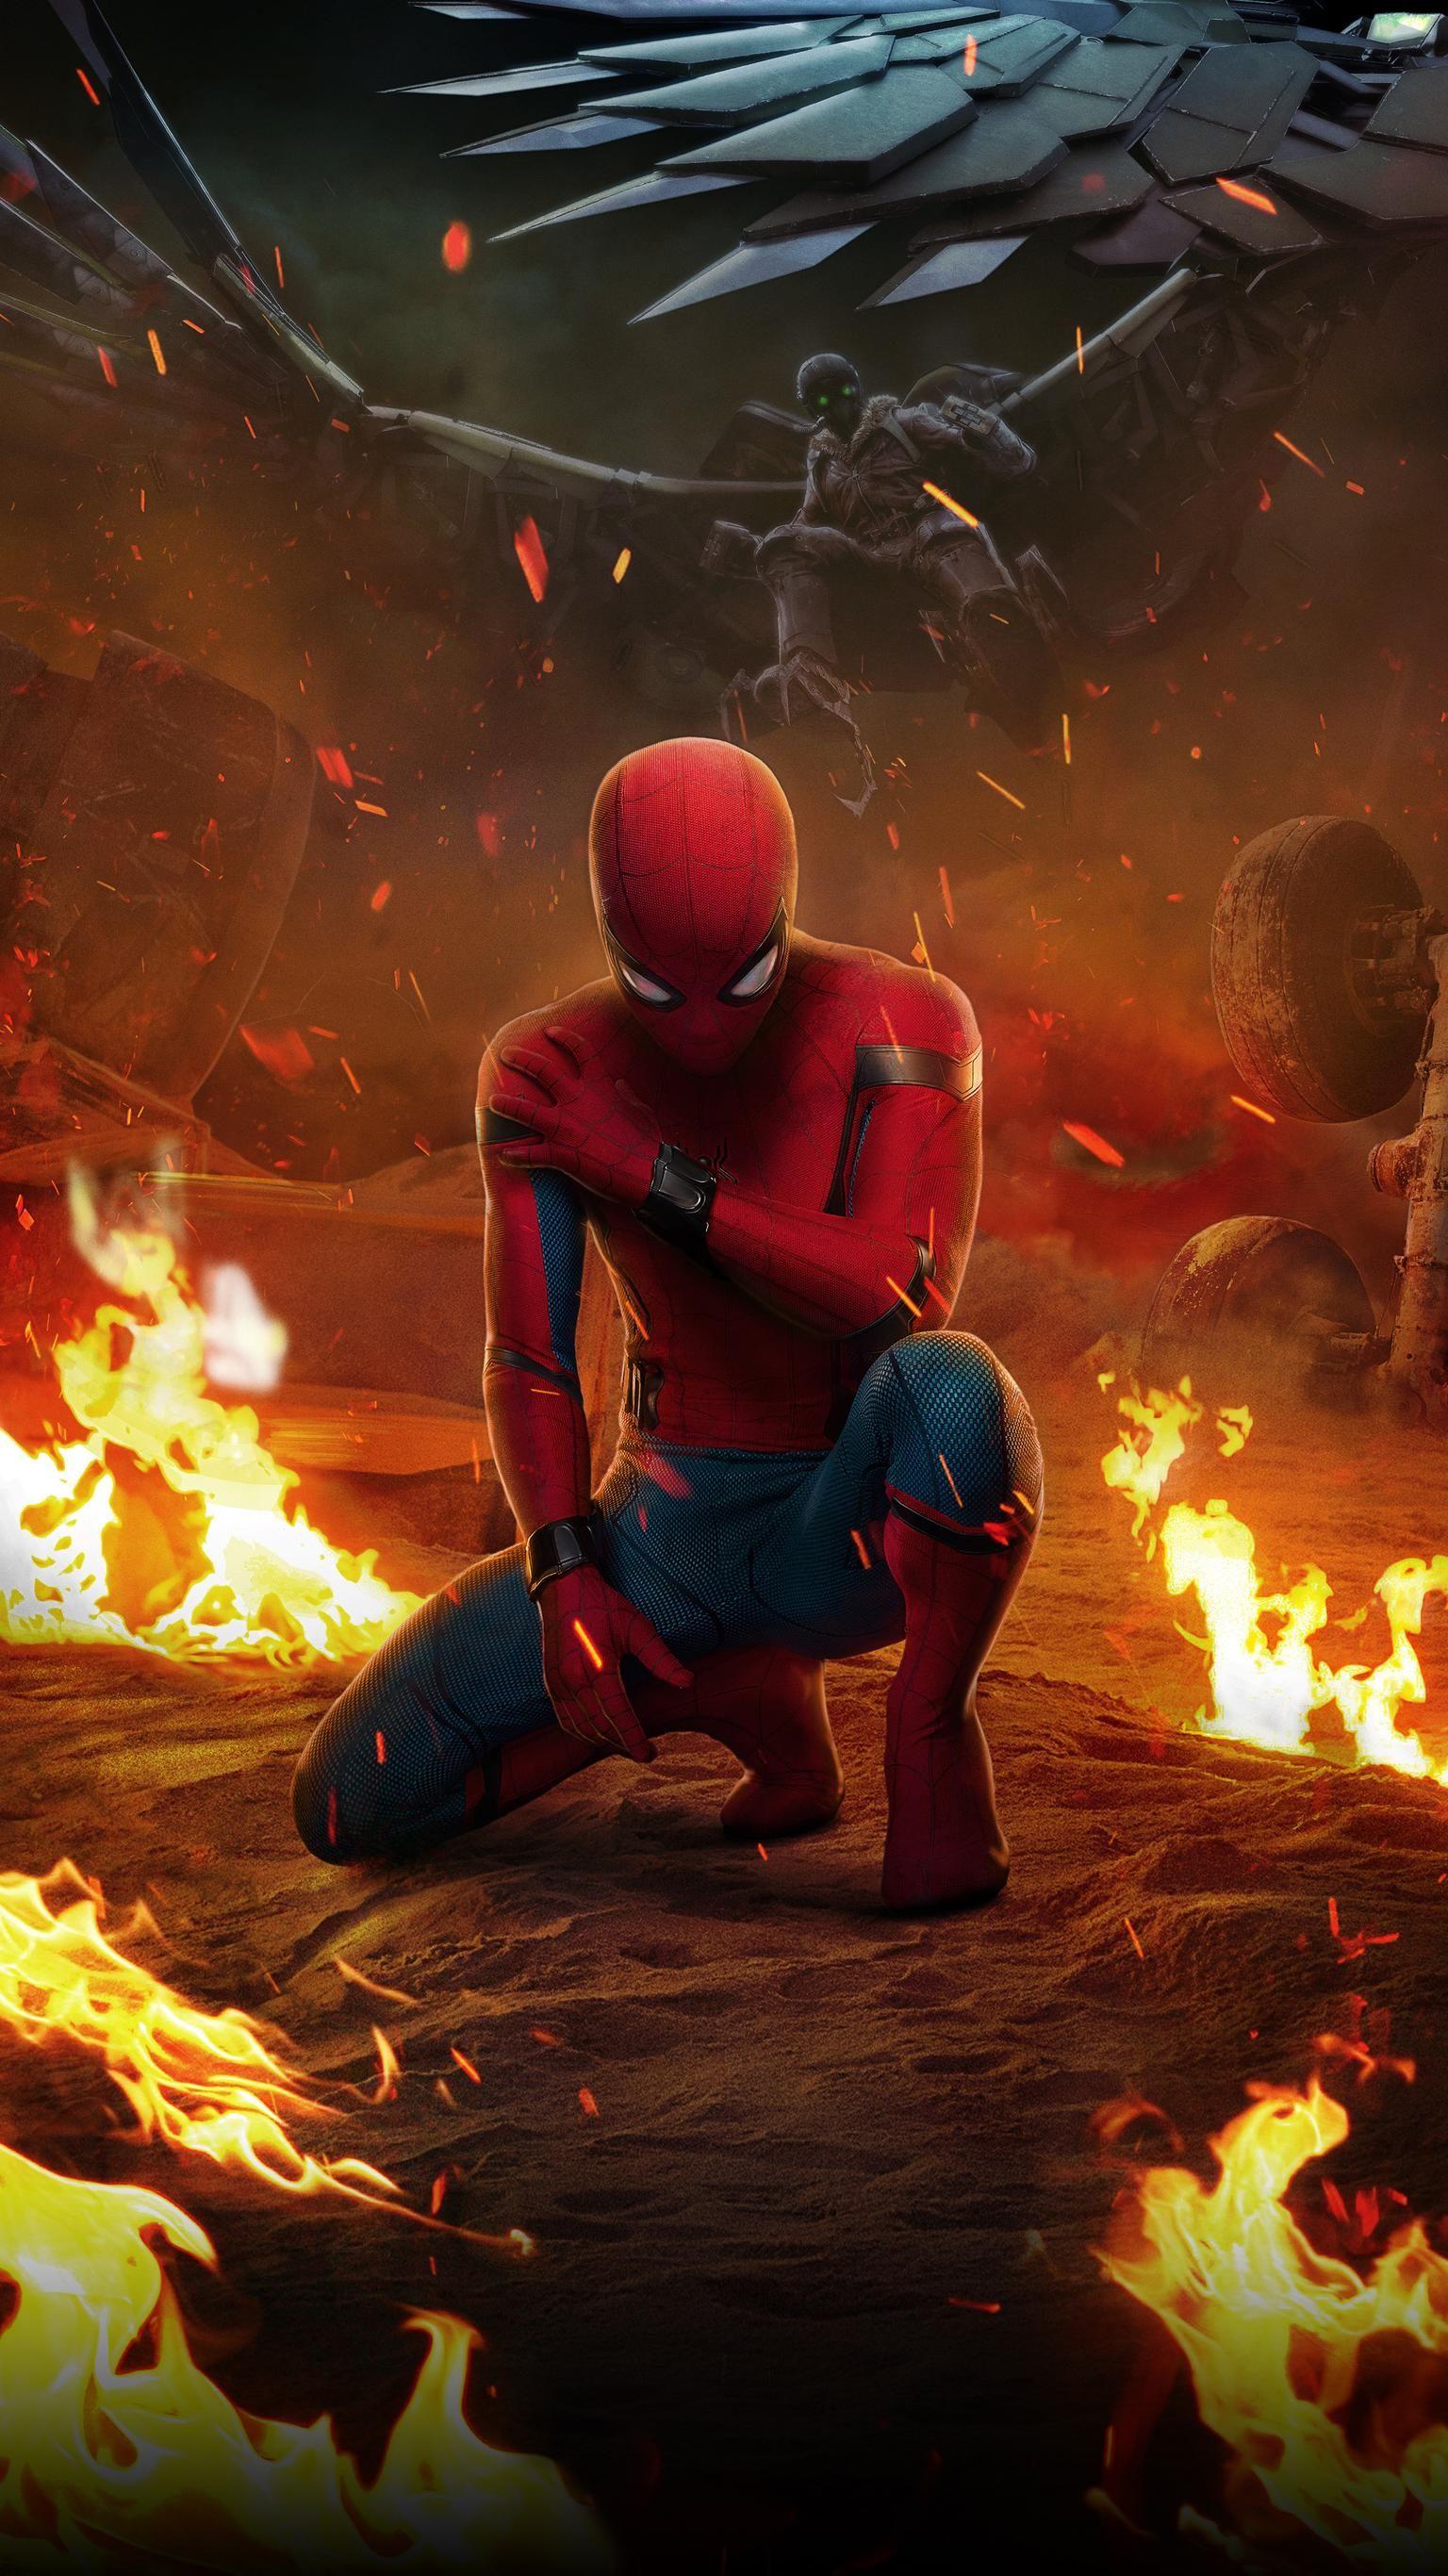 Download 500+ Wallpaper Animasi Spiderman  Paling Keren